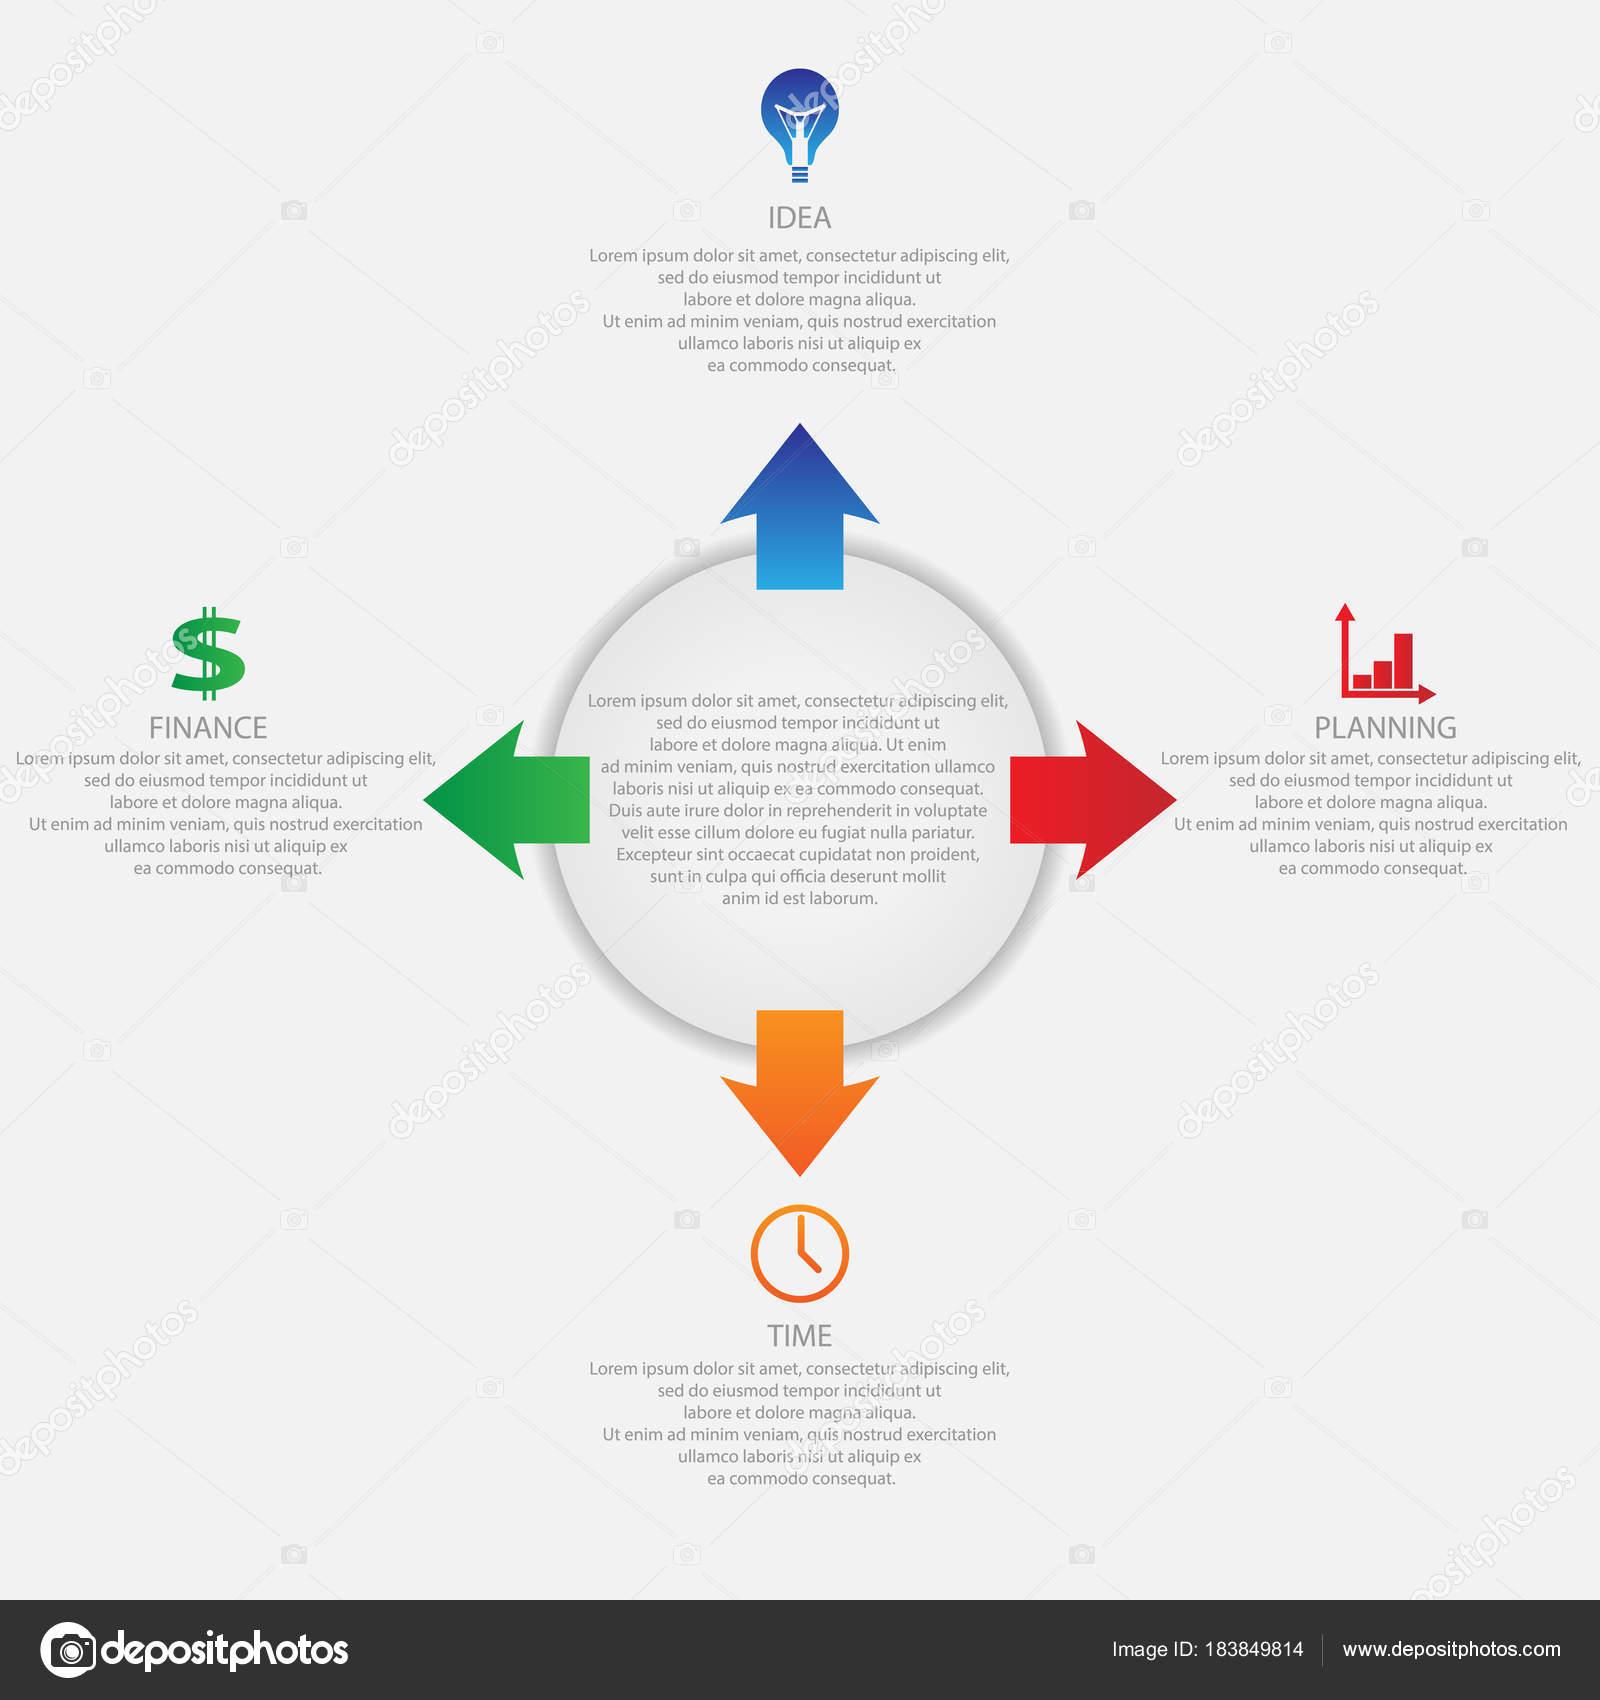 Бизнес идеи для реализации удивительных идей бизнеса